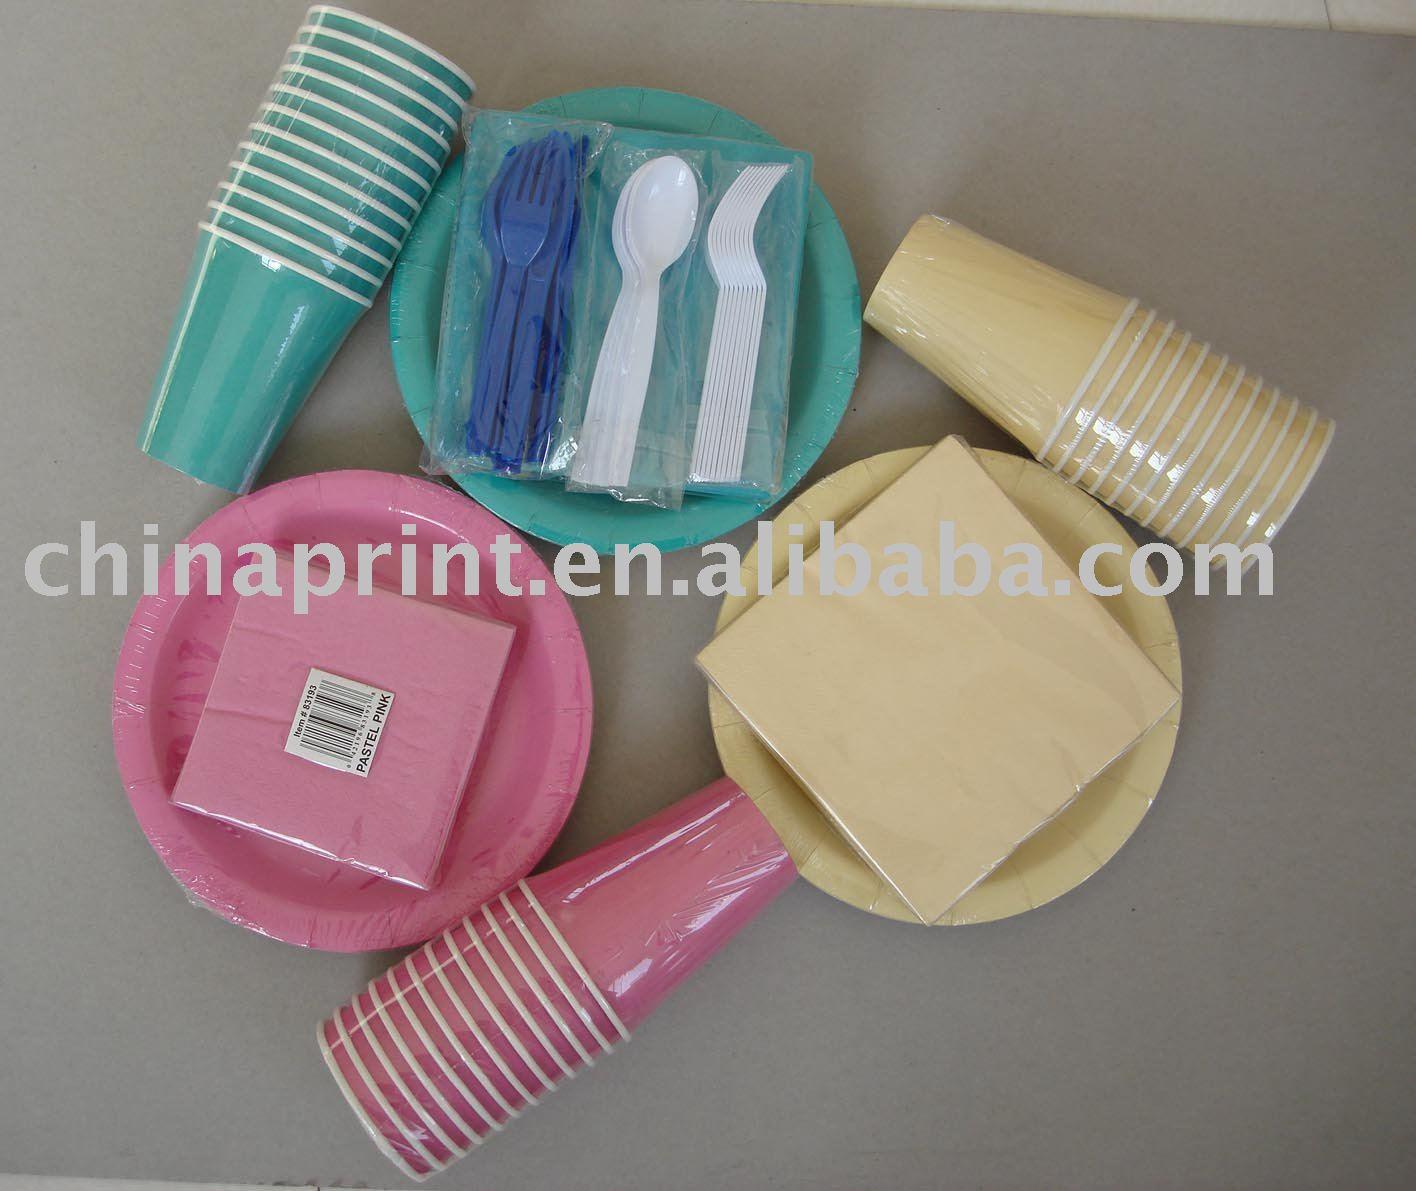 descartáveis de papel impresso copo prato guardanapo faca garfo colher